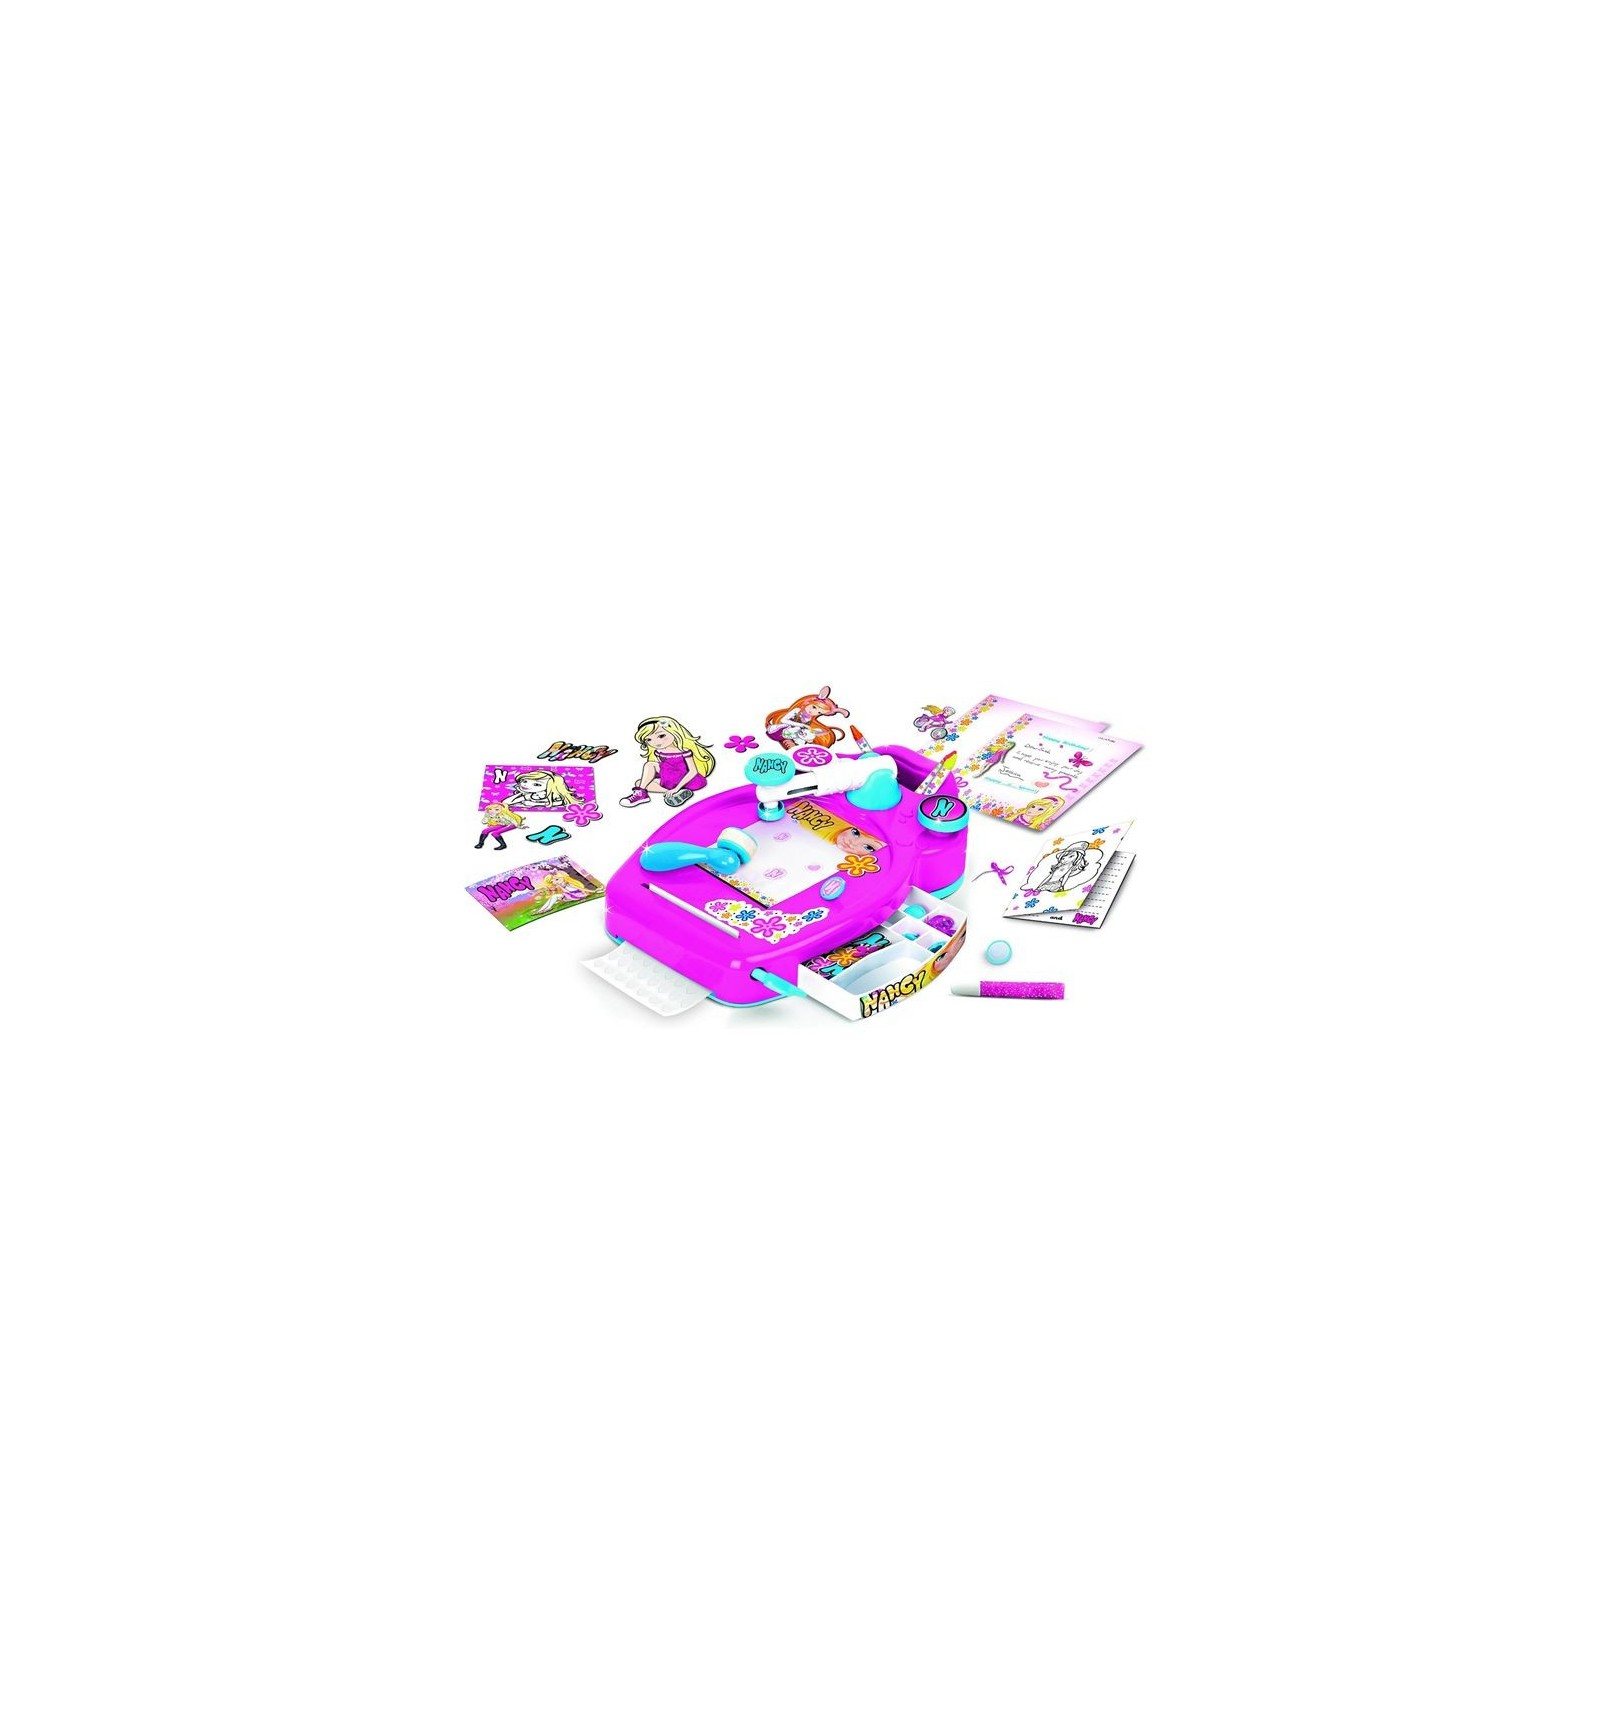 Nancy studio dise a tus tarjetas 2895 inicio ra z palacio - Disena studio ...